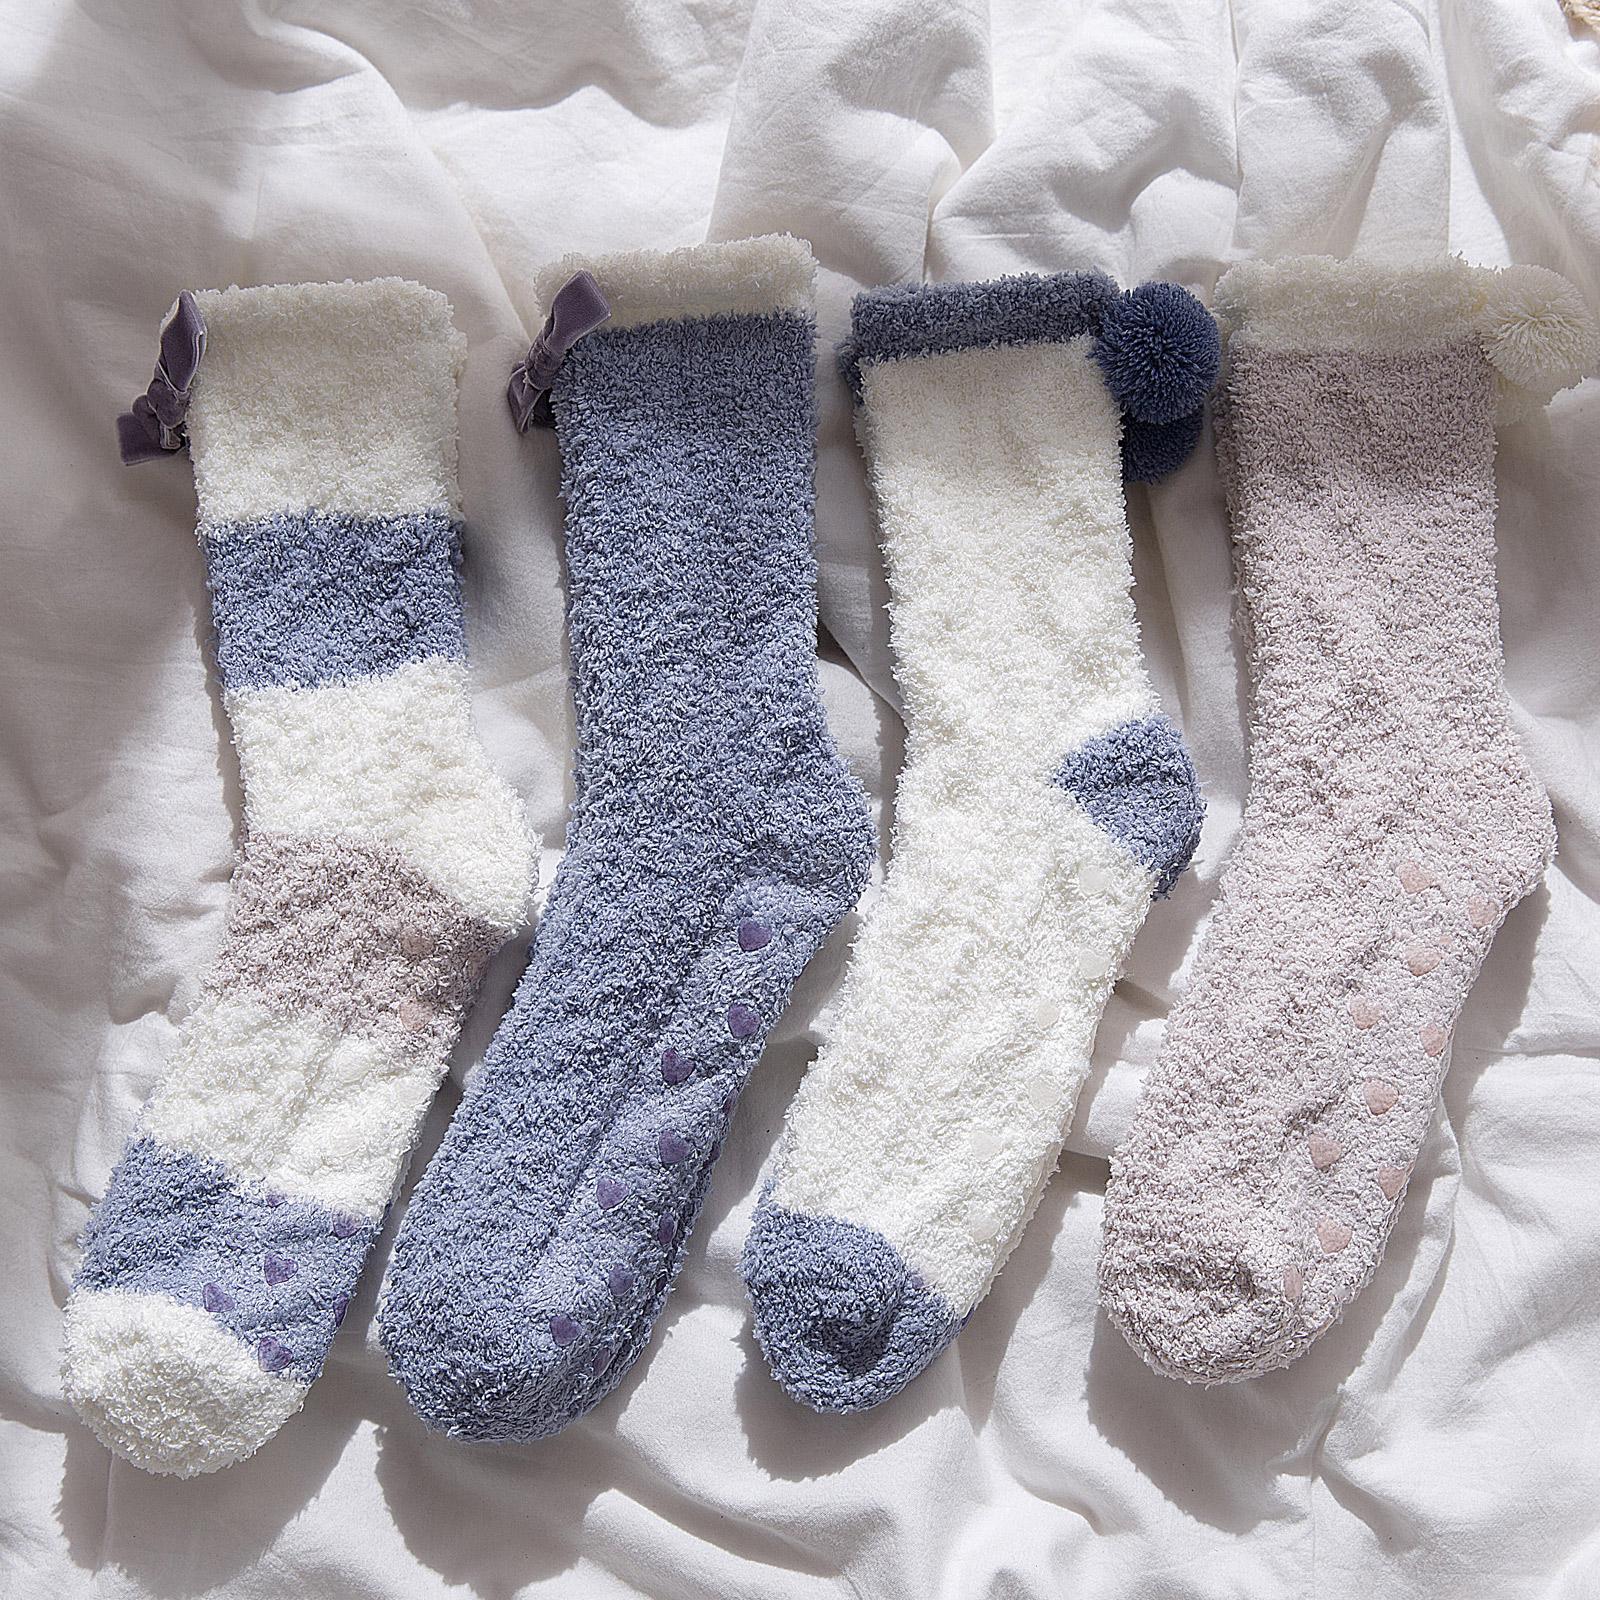 软绵绵蝴蝶结睡眠袜